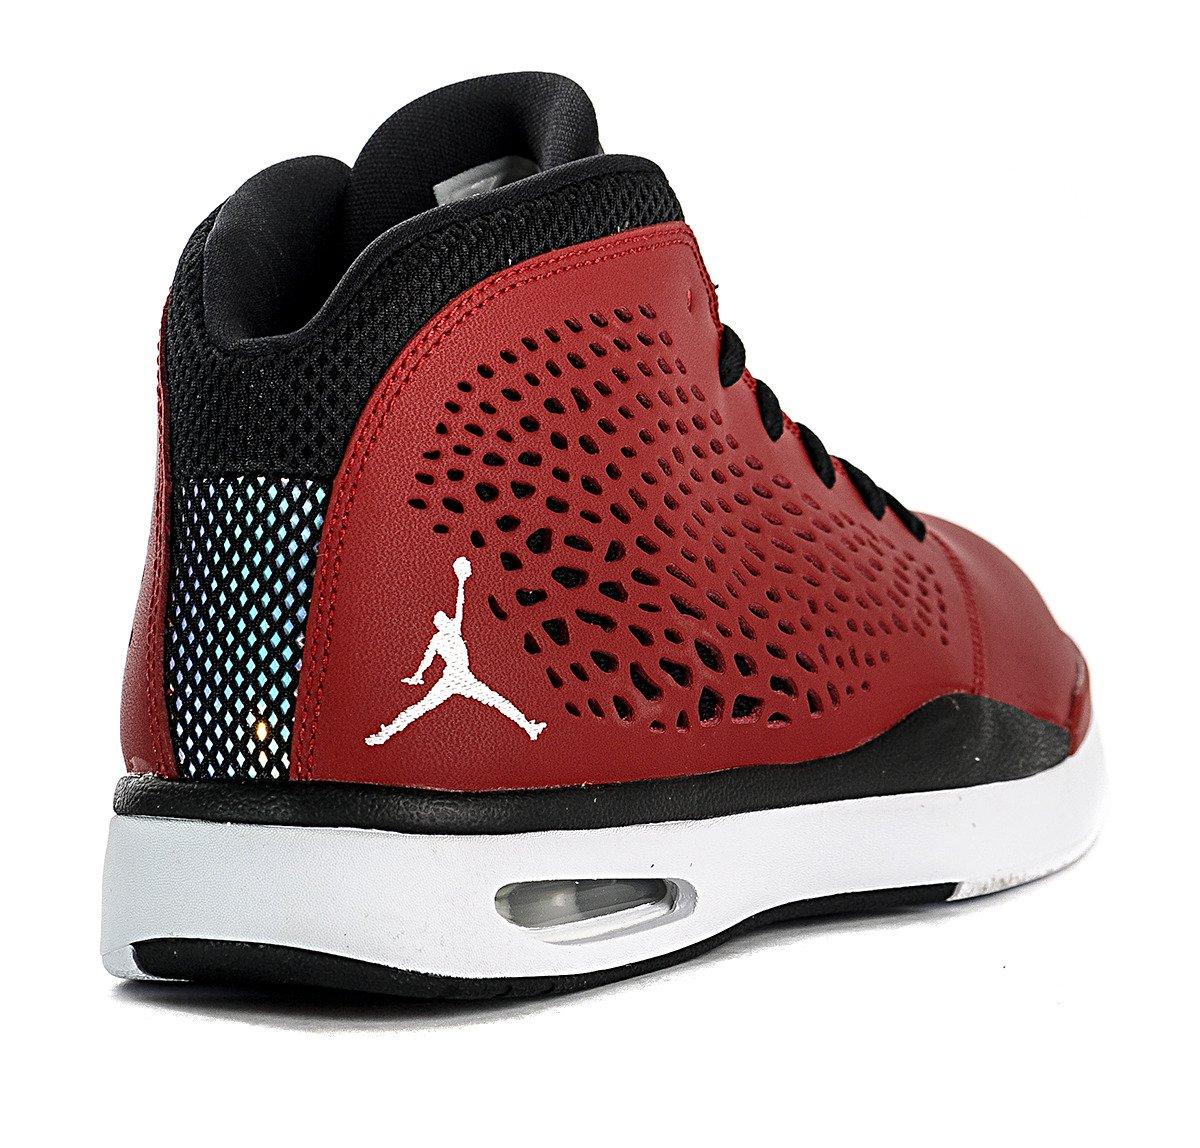 Jordan shoes list pictures